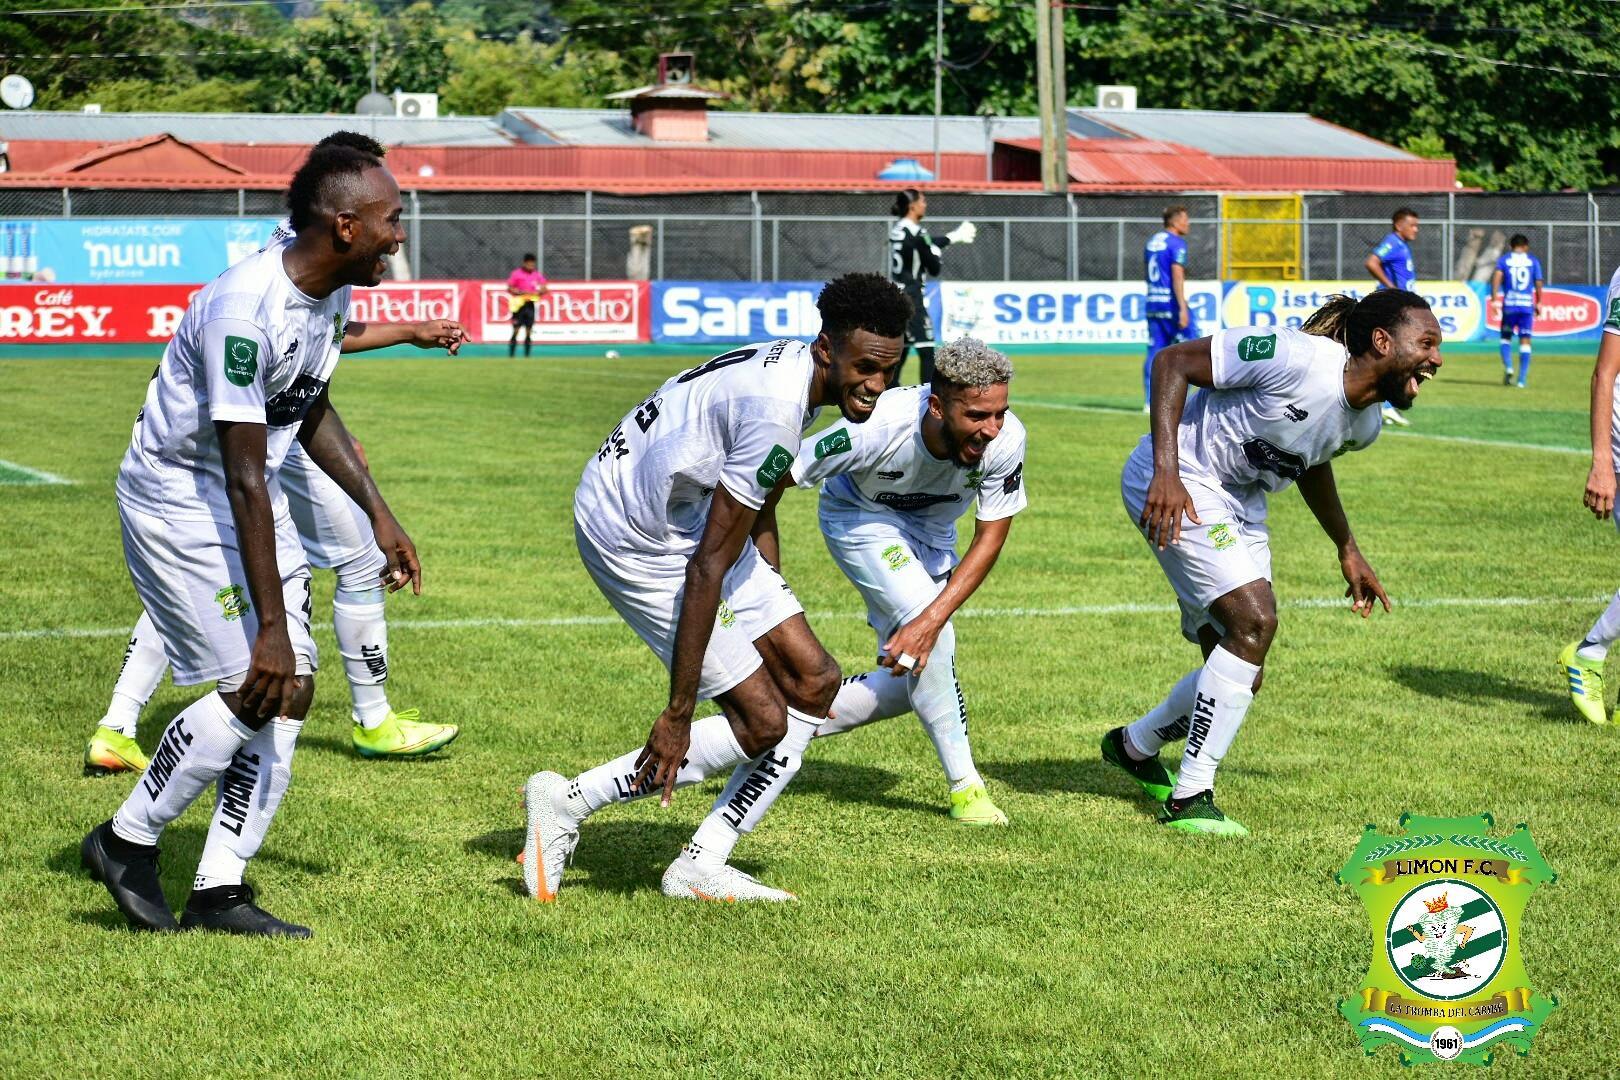 Limón FC recuperó su licencia en el Torneo tras lograr arreglo de pago con la CCSS.